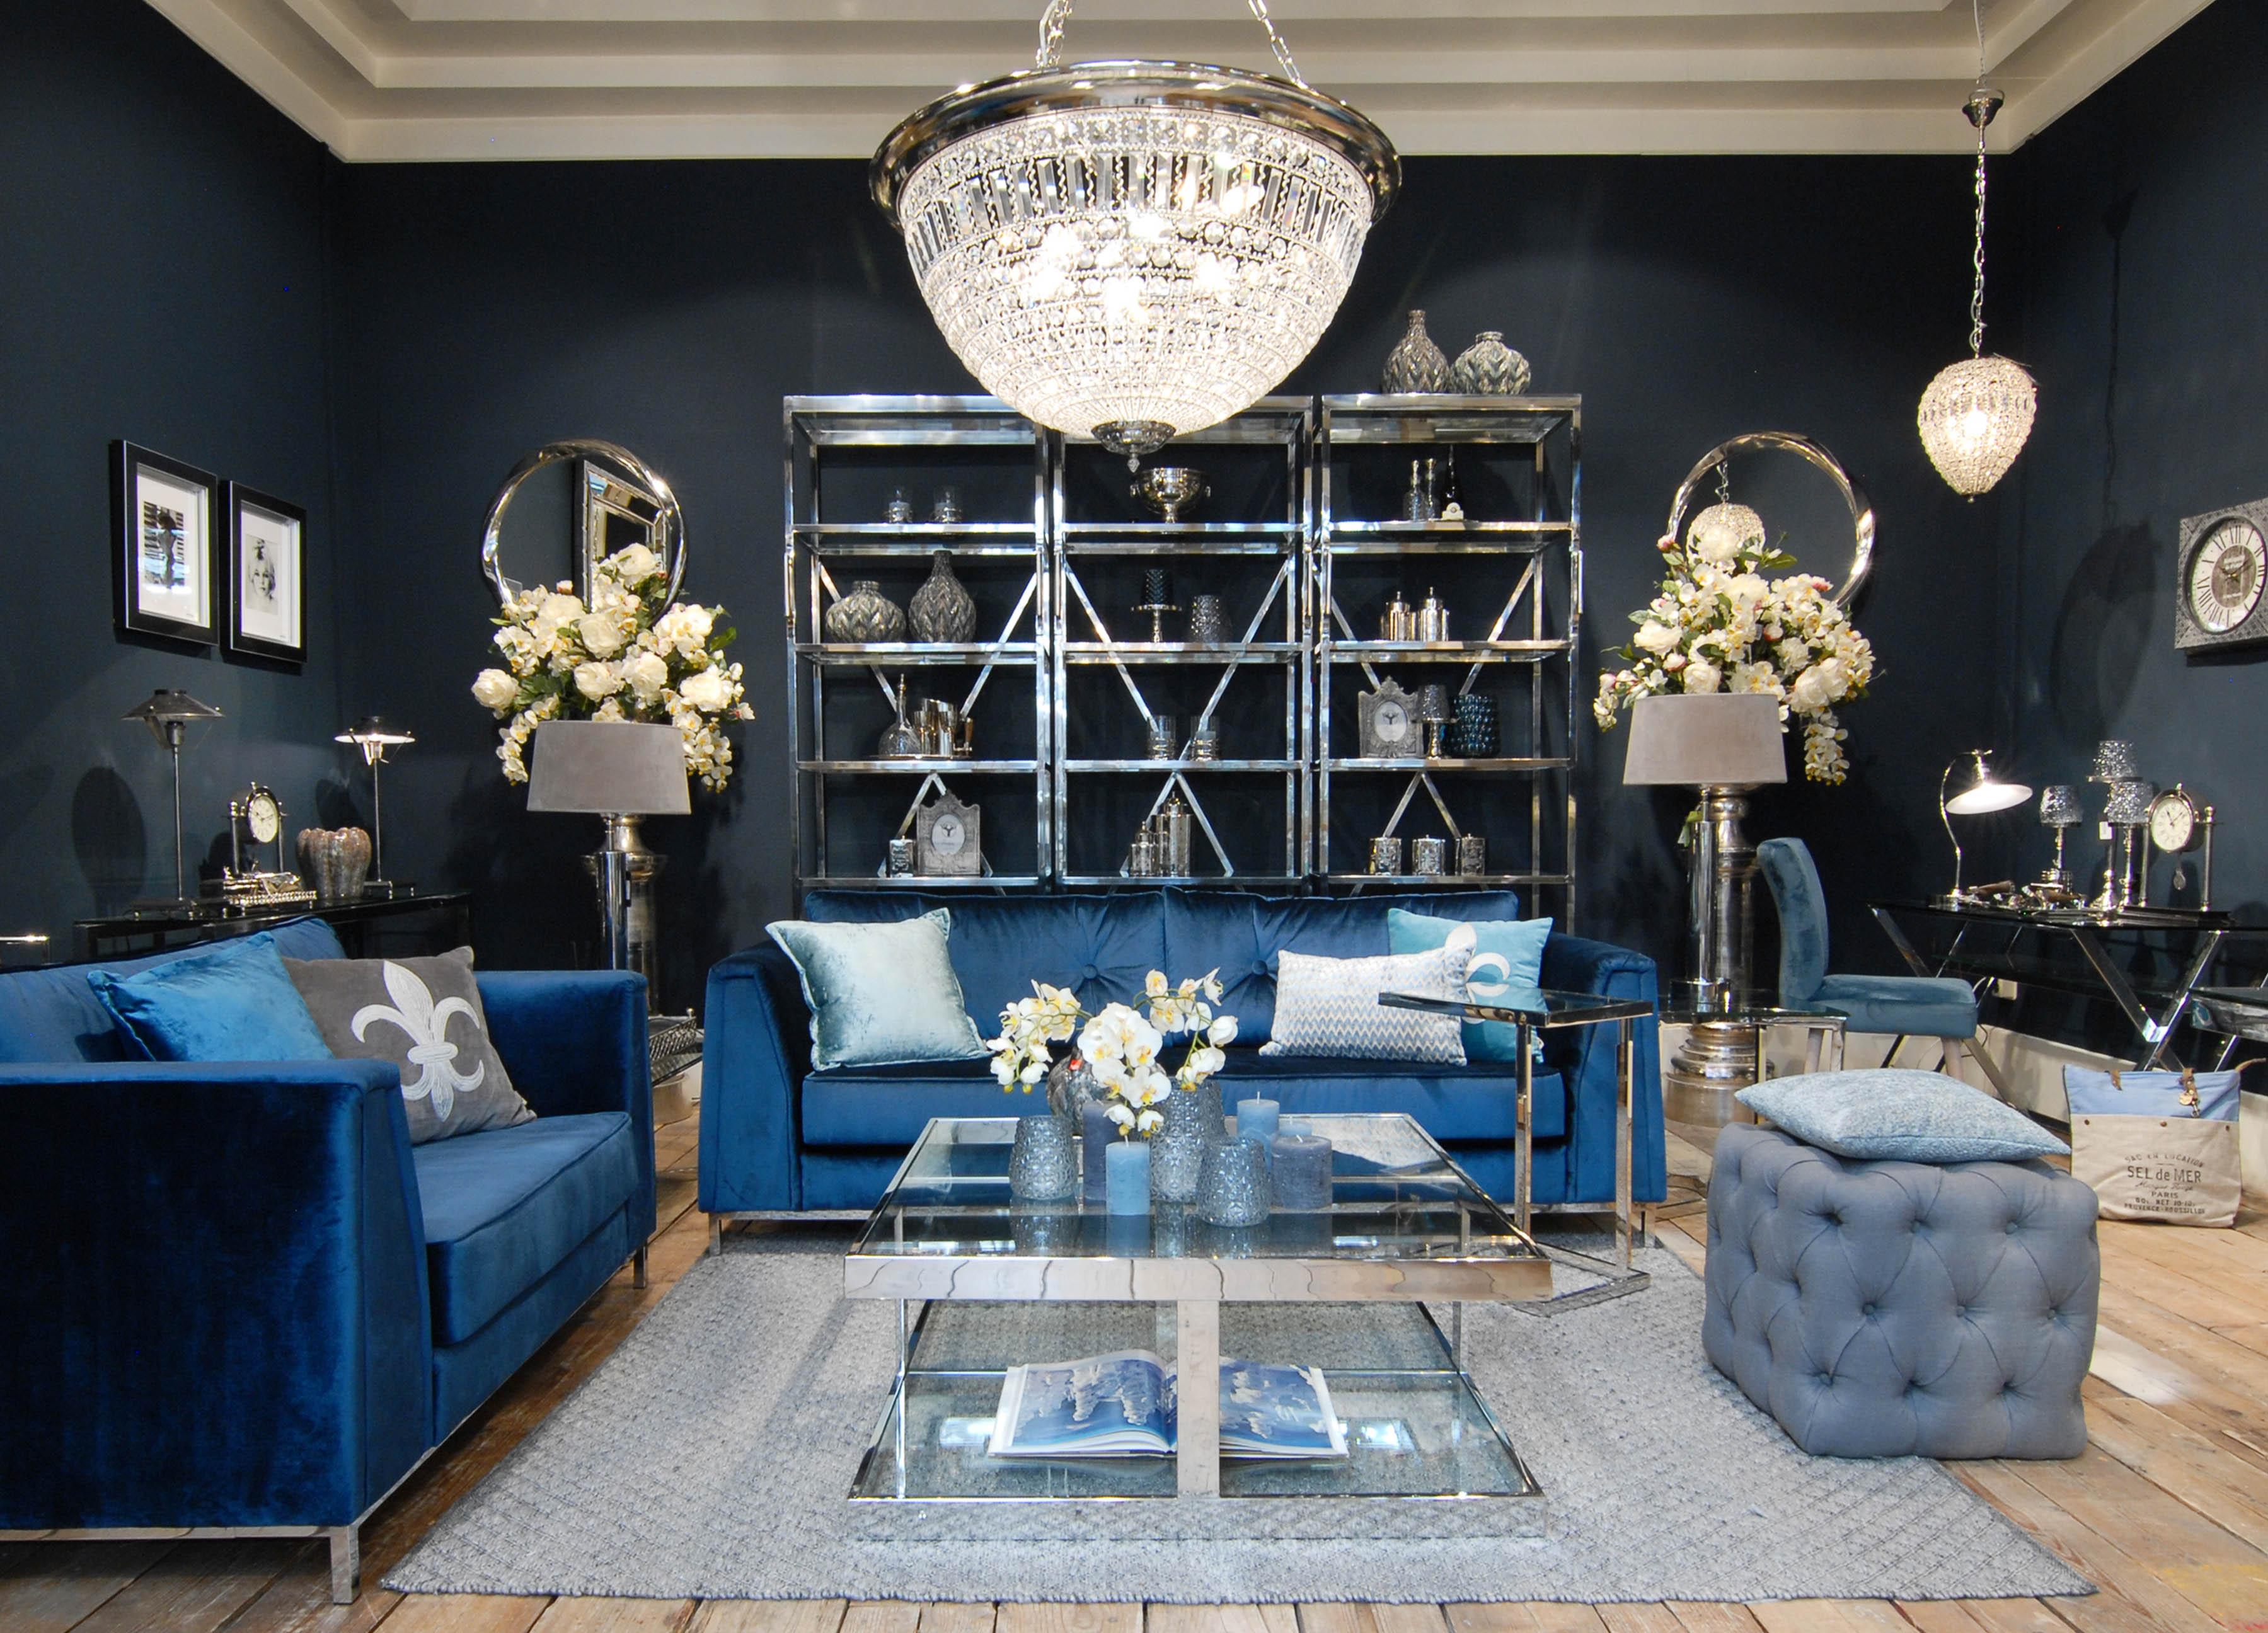 sofa company nl 5 in 1 bed flipkart showrooms | diga colmore